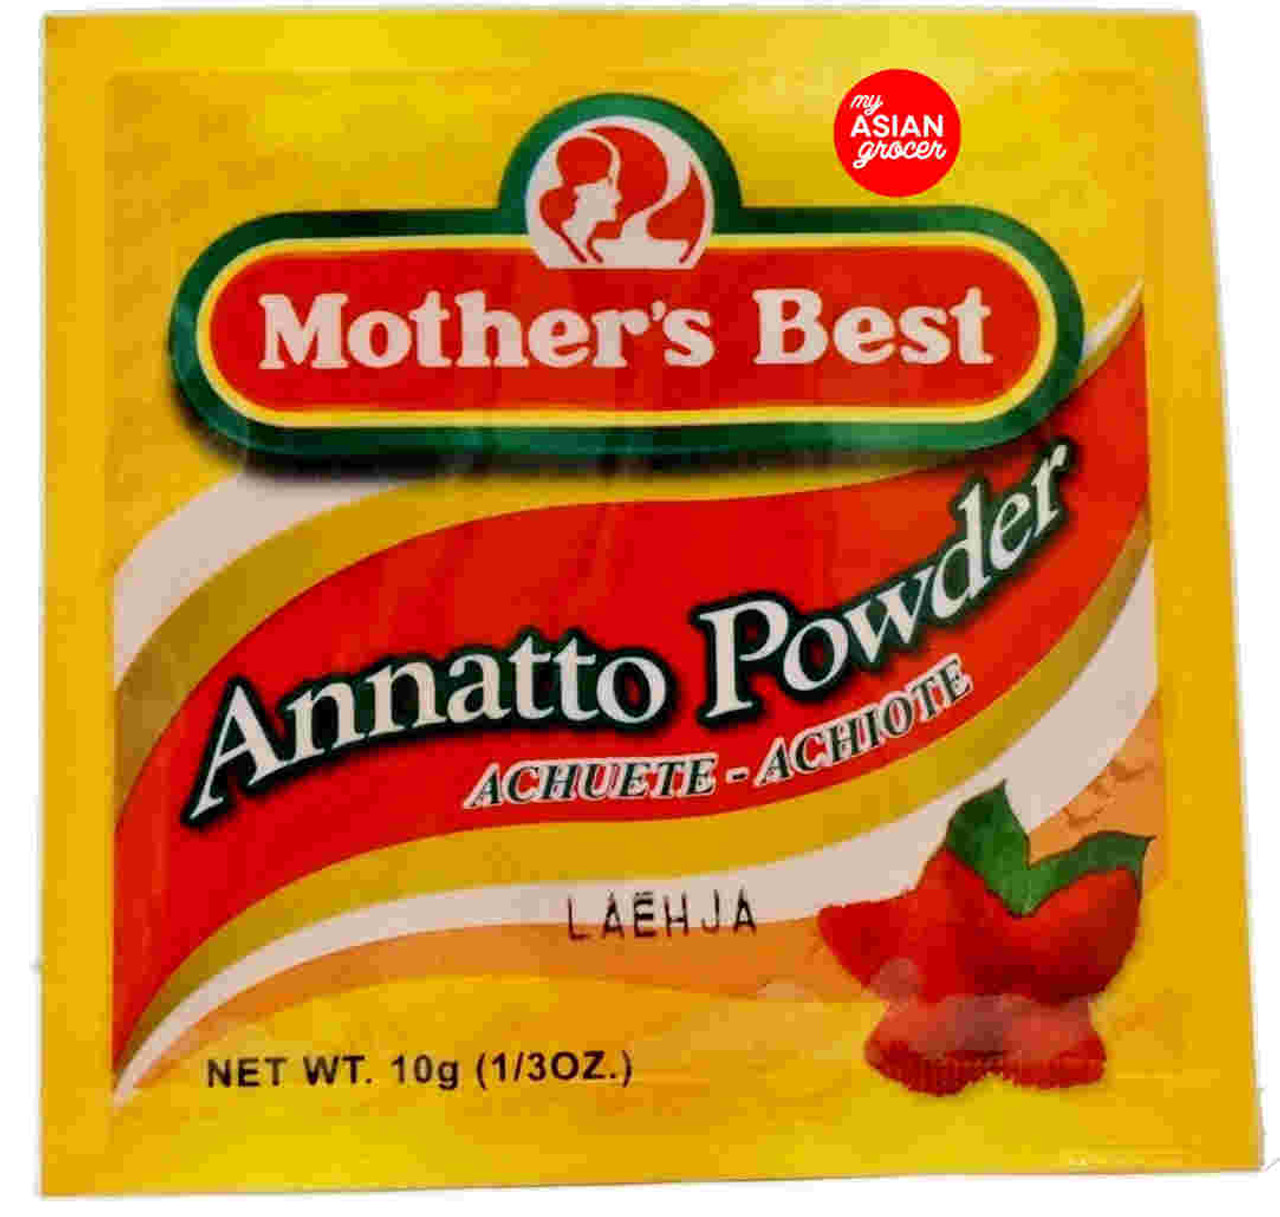 Mother's Best Annatto Powder 10g